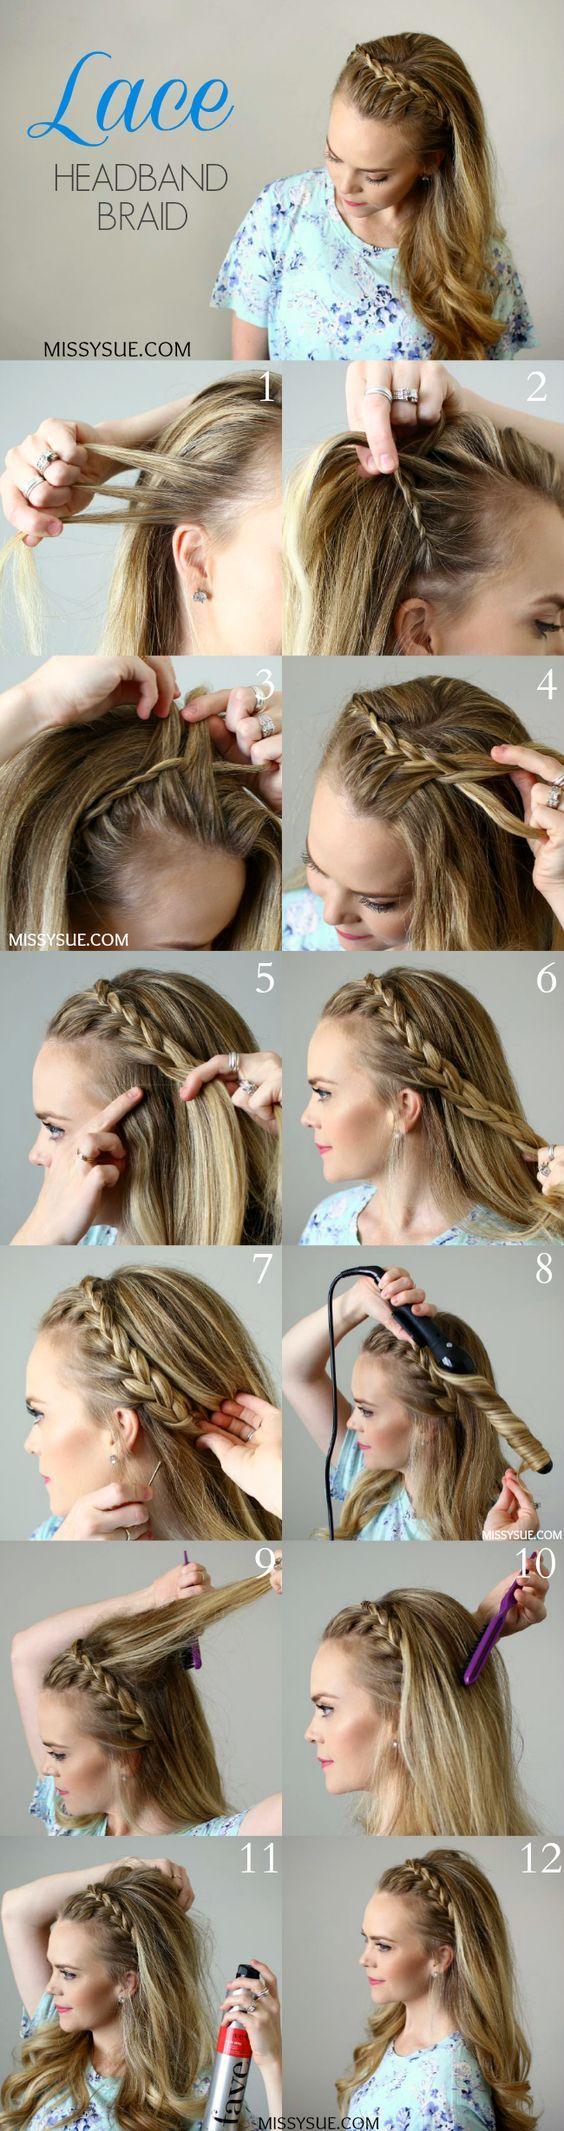 Easy #Braided Hairstyles #Tutorials #fishtail braid #SchnellerDutt #Dutt #FrauenHaarschnitt #womanhaircut - pure # hairstyle - wir schaffen kreative #Frisuren - verwöhnen mit aktuellen #Frisurentrends 2016 - Experten für #Haarverlängerung - ihr Friseur in #Aalen - we are digital - mit Temin/#ohneTermin - #Haircut Aalen - See you soon - www.enjoyhairstyling.de - #womenhairstyle #womanhaircut #Friseur #tutorial #selftutorial #ponytail #Frisuren zum #Selbermachen